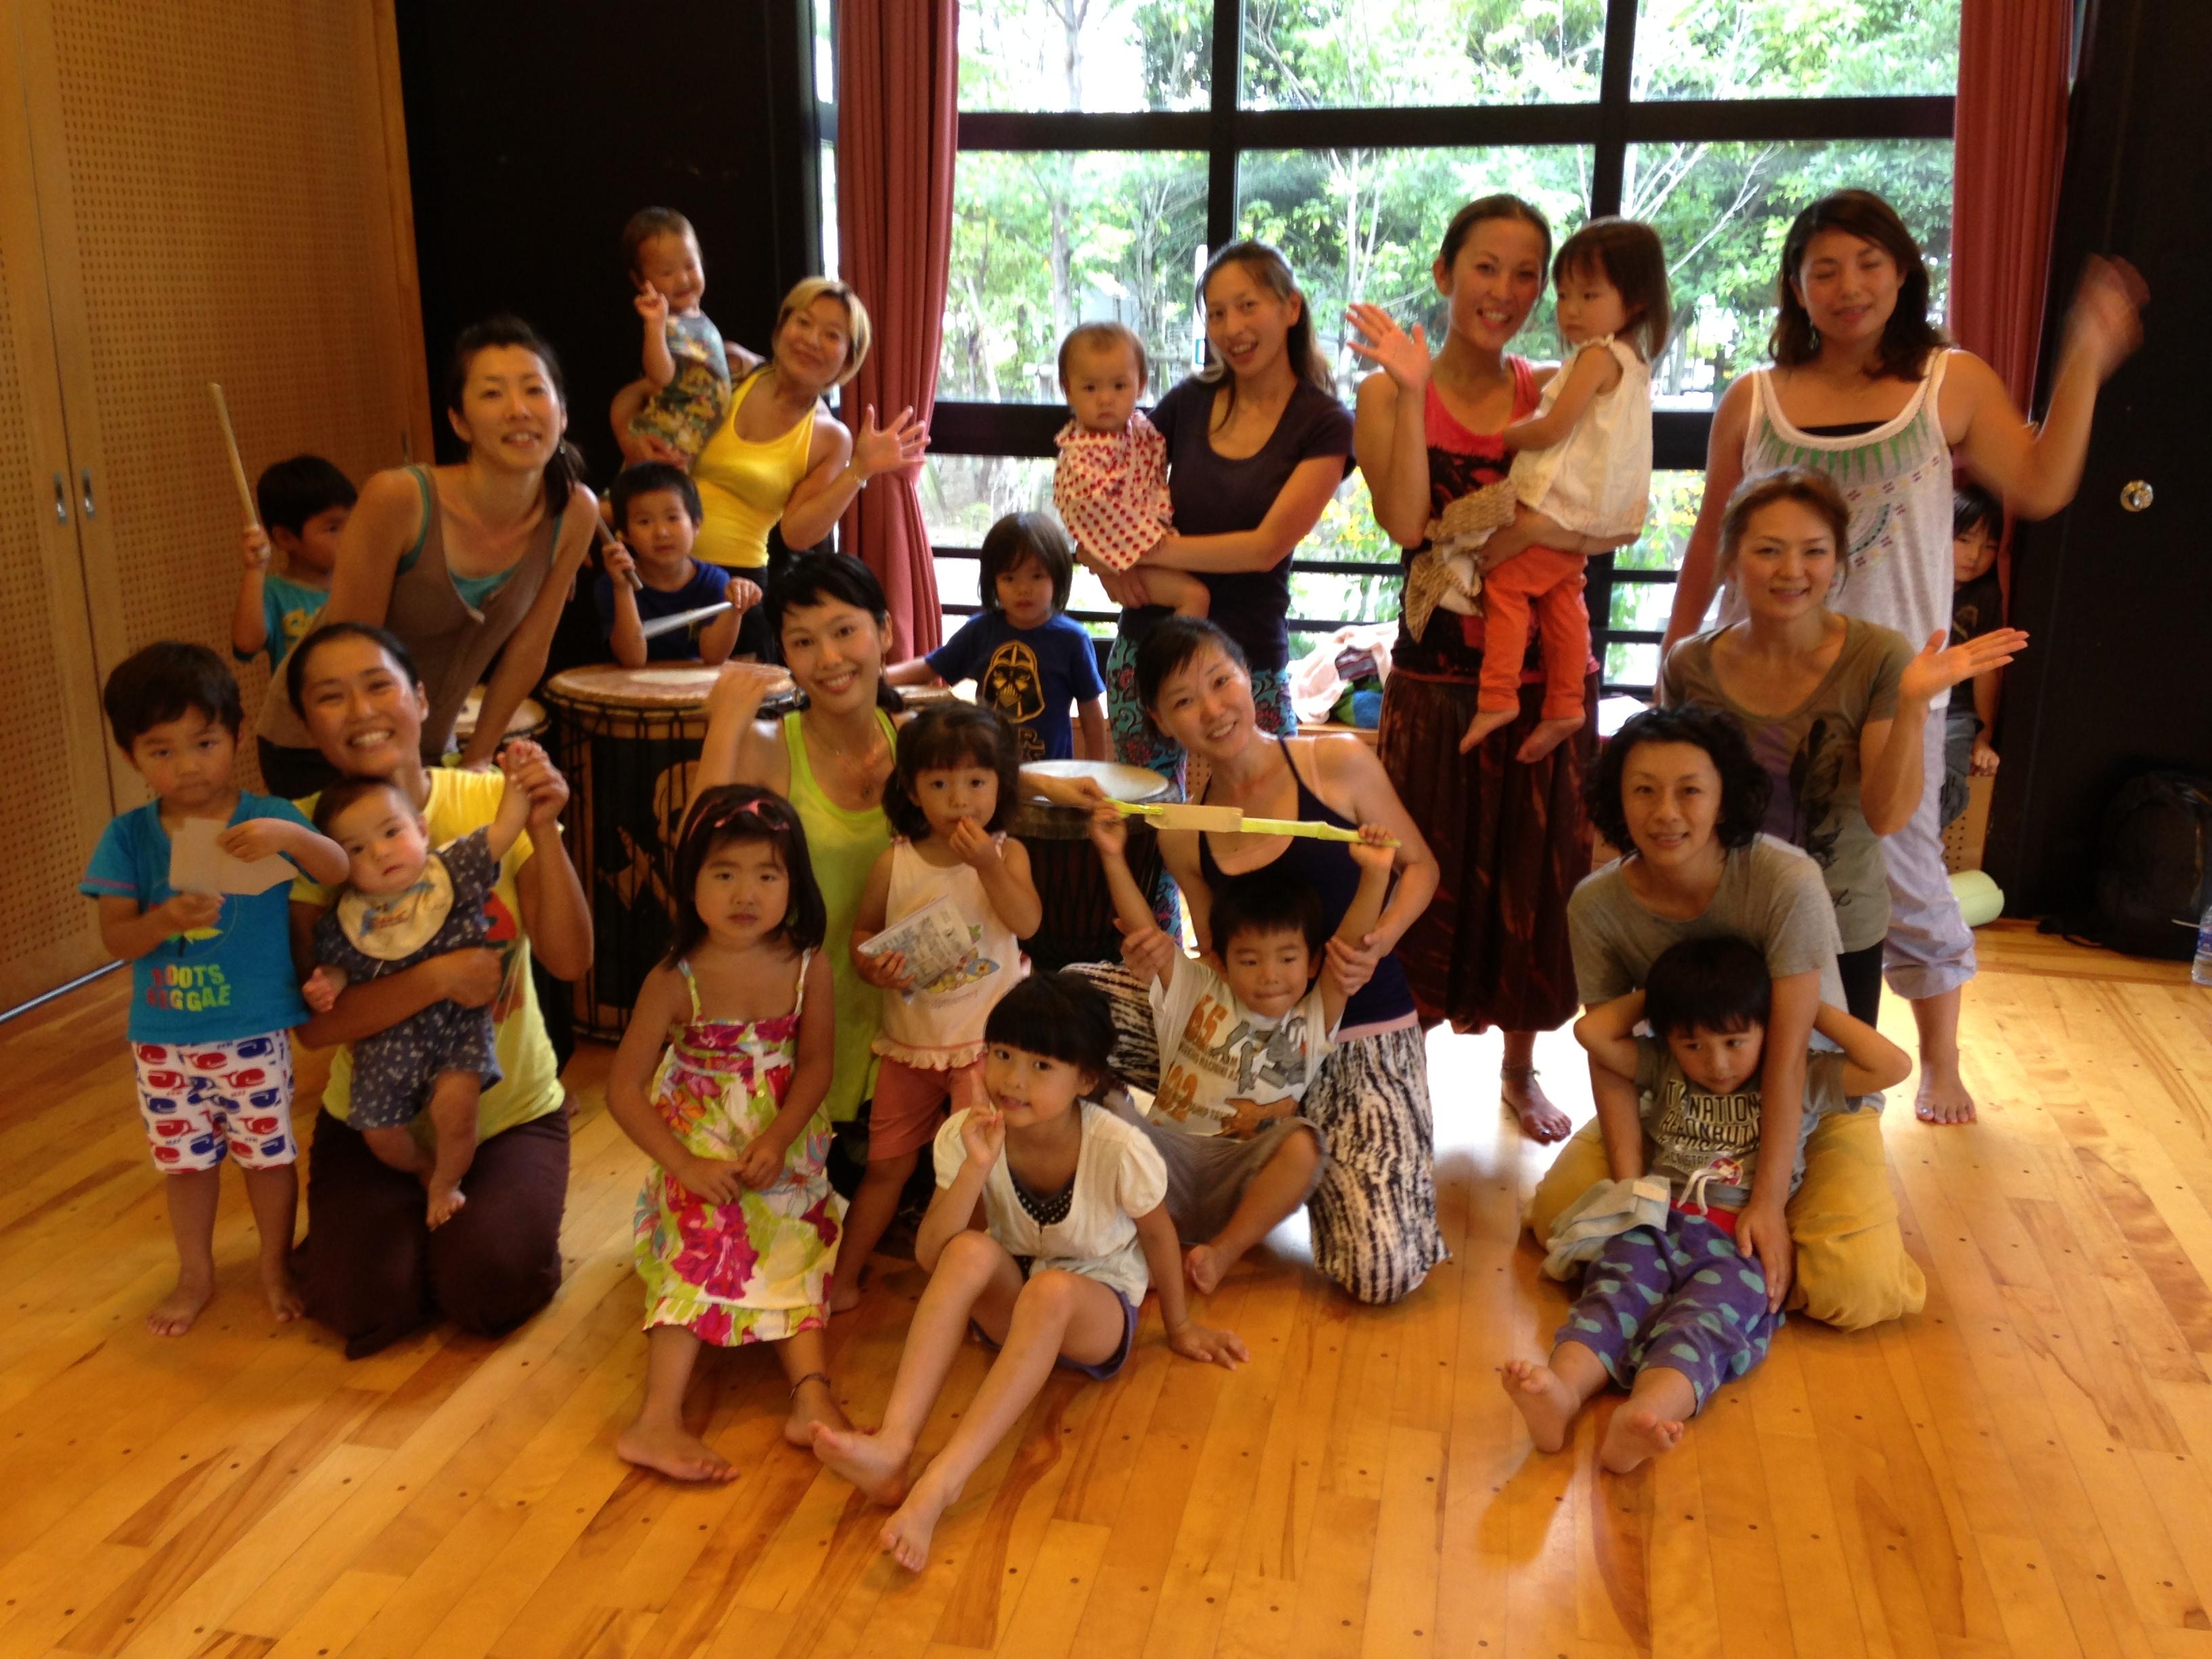 ダンスクラス 湘南 熱中!ジェンベ教室